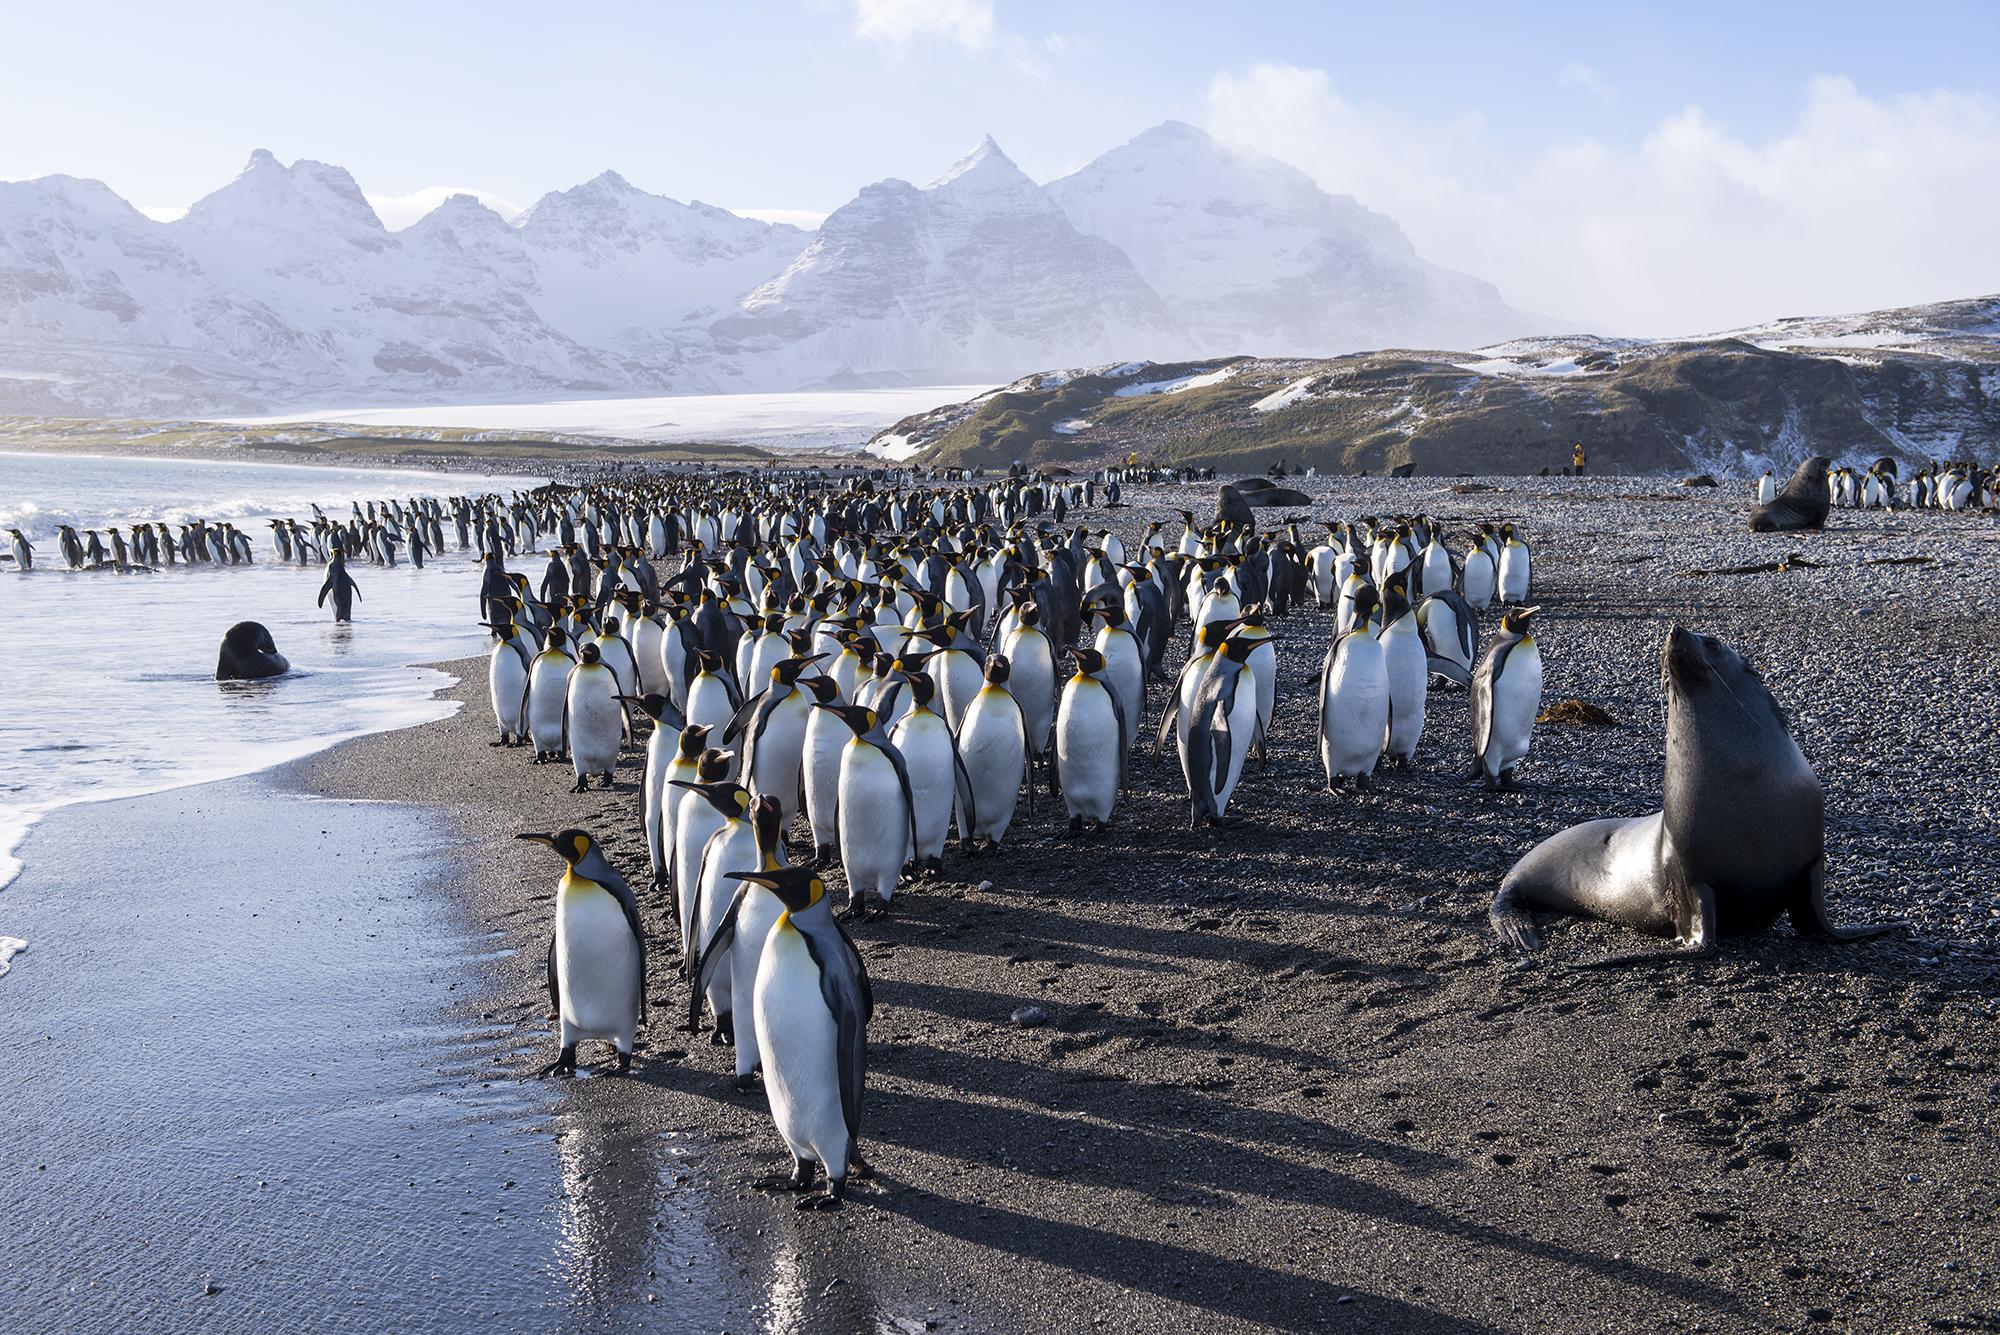 Polaris Tours hat im neuen Katalog Arktis & Antarktis 2020/2021 das Angebot weiter ausgebaut: Expeditionskreuzfahrten mit insgesamt 15 Schiffen im Programm